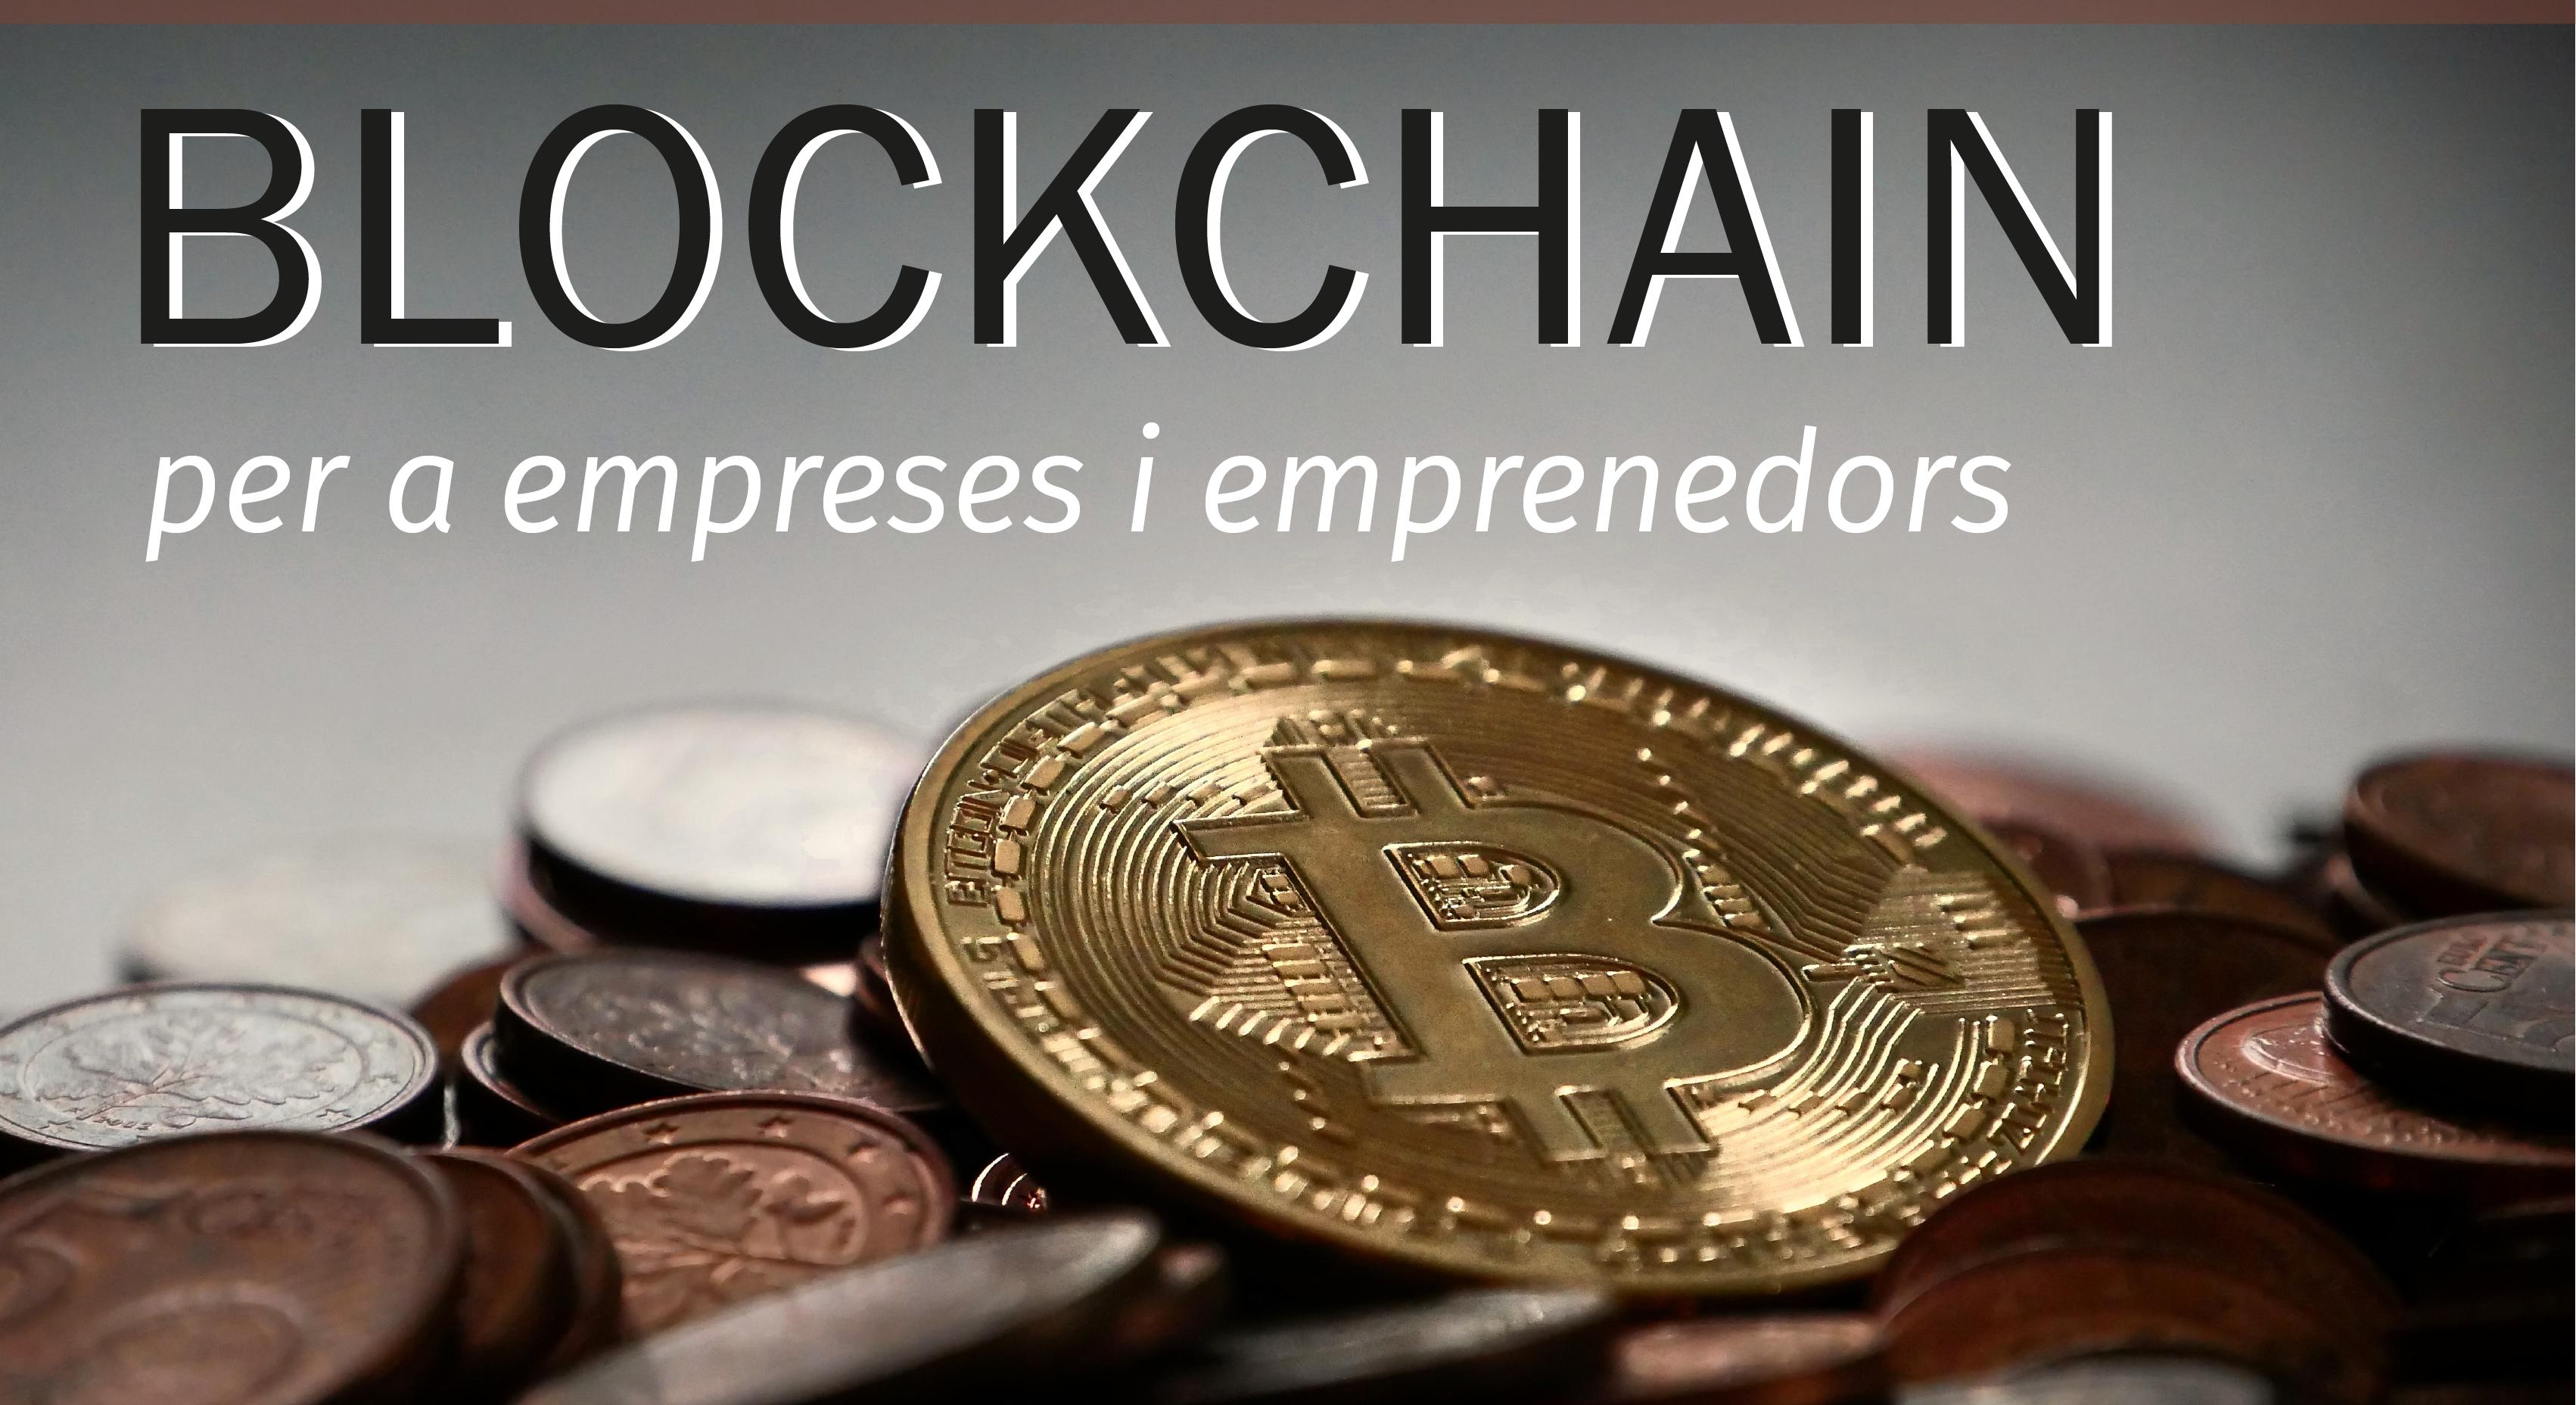 Curs de Blockchain maig 2019